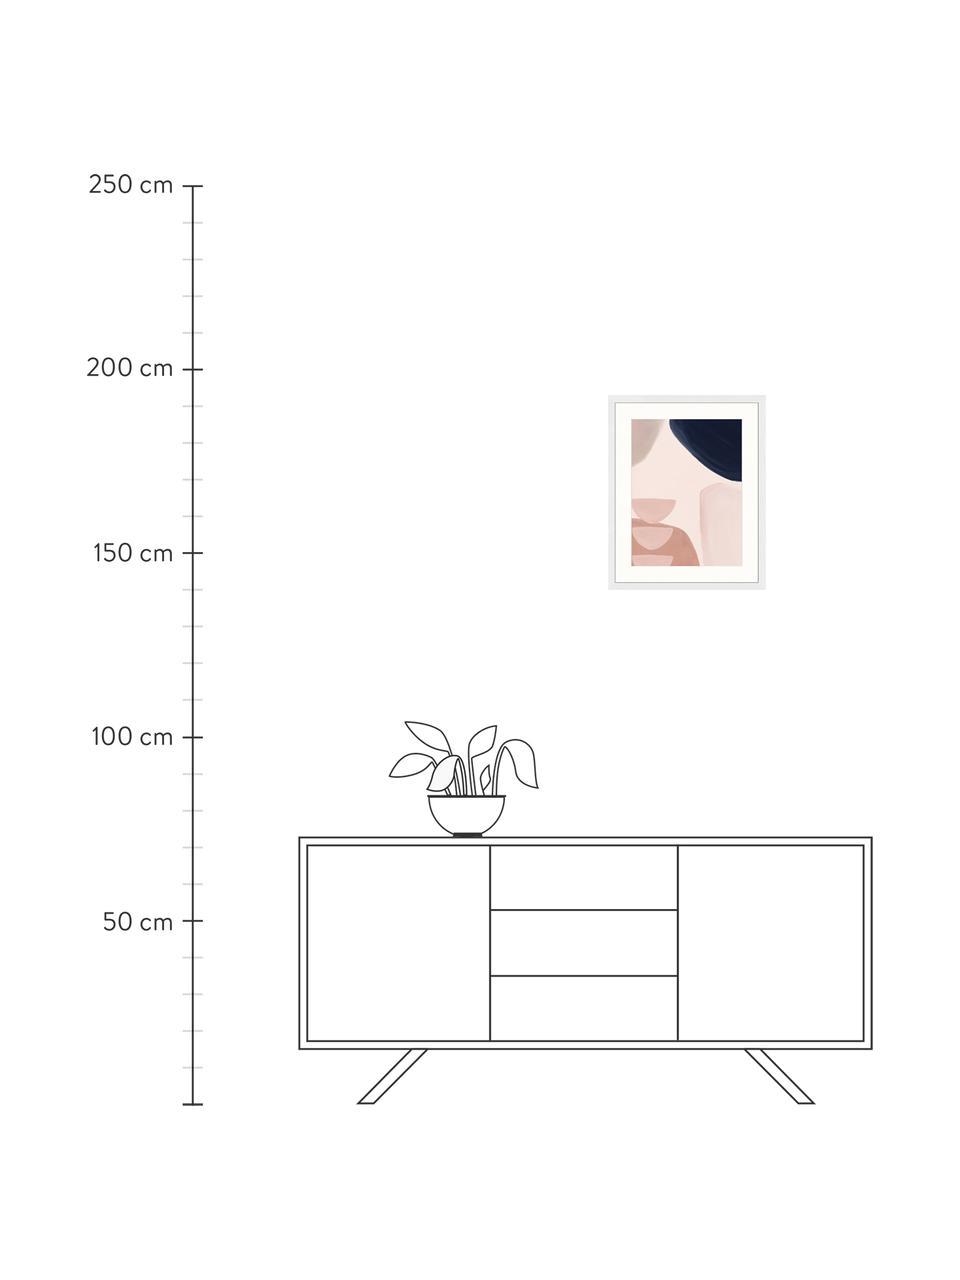 Gerahmter Digitaldruck Yenge, Bild: Digitaldruck auf Papier, , Rahmen: Holz, lackiert, Front: Plexiglas, Mehrfarbig, 43 x 53 cm